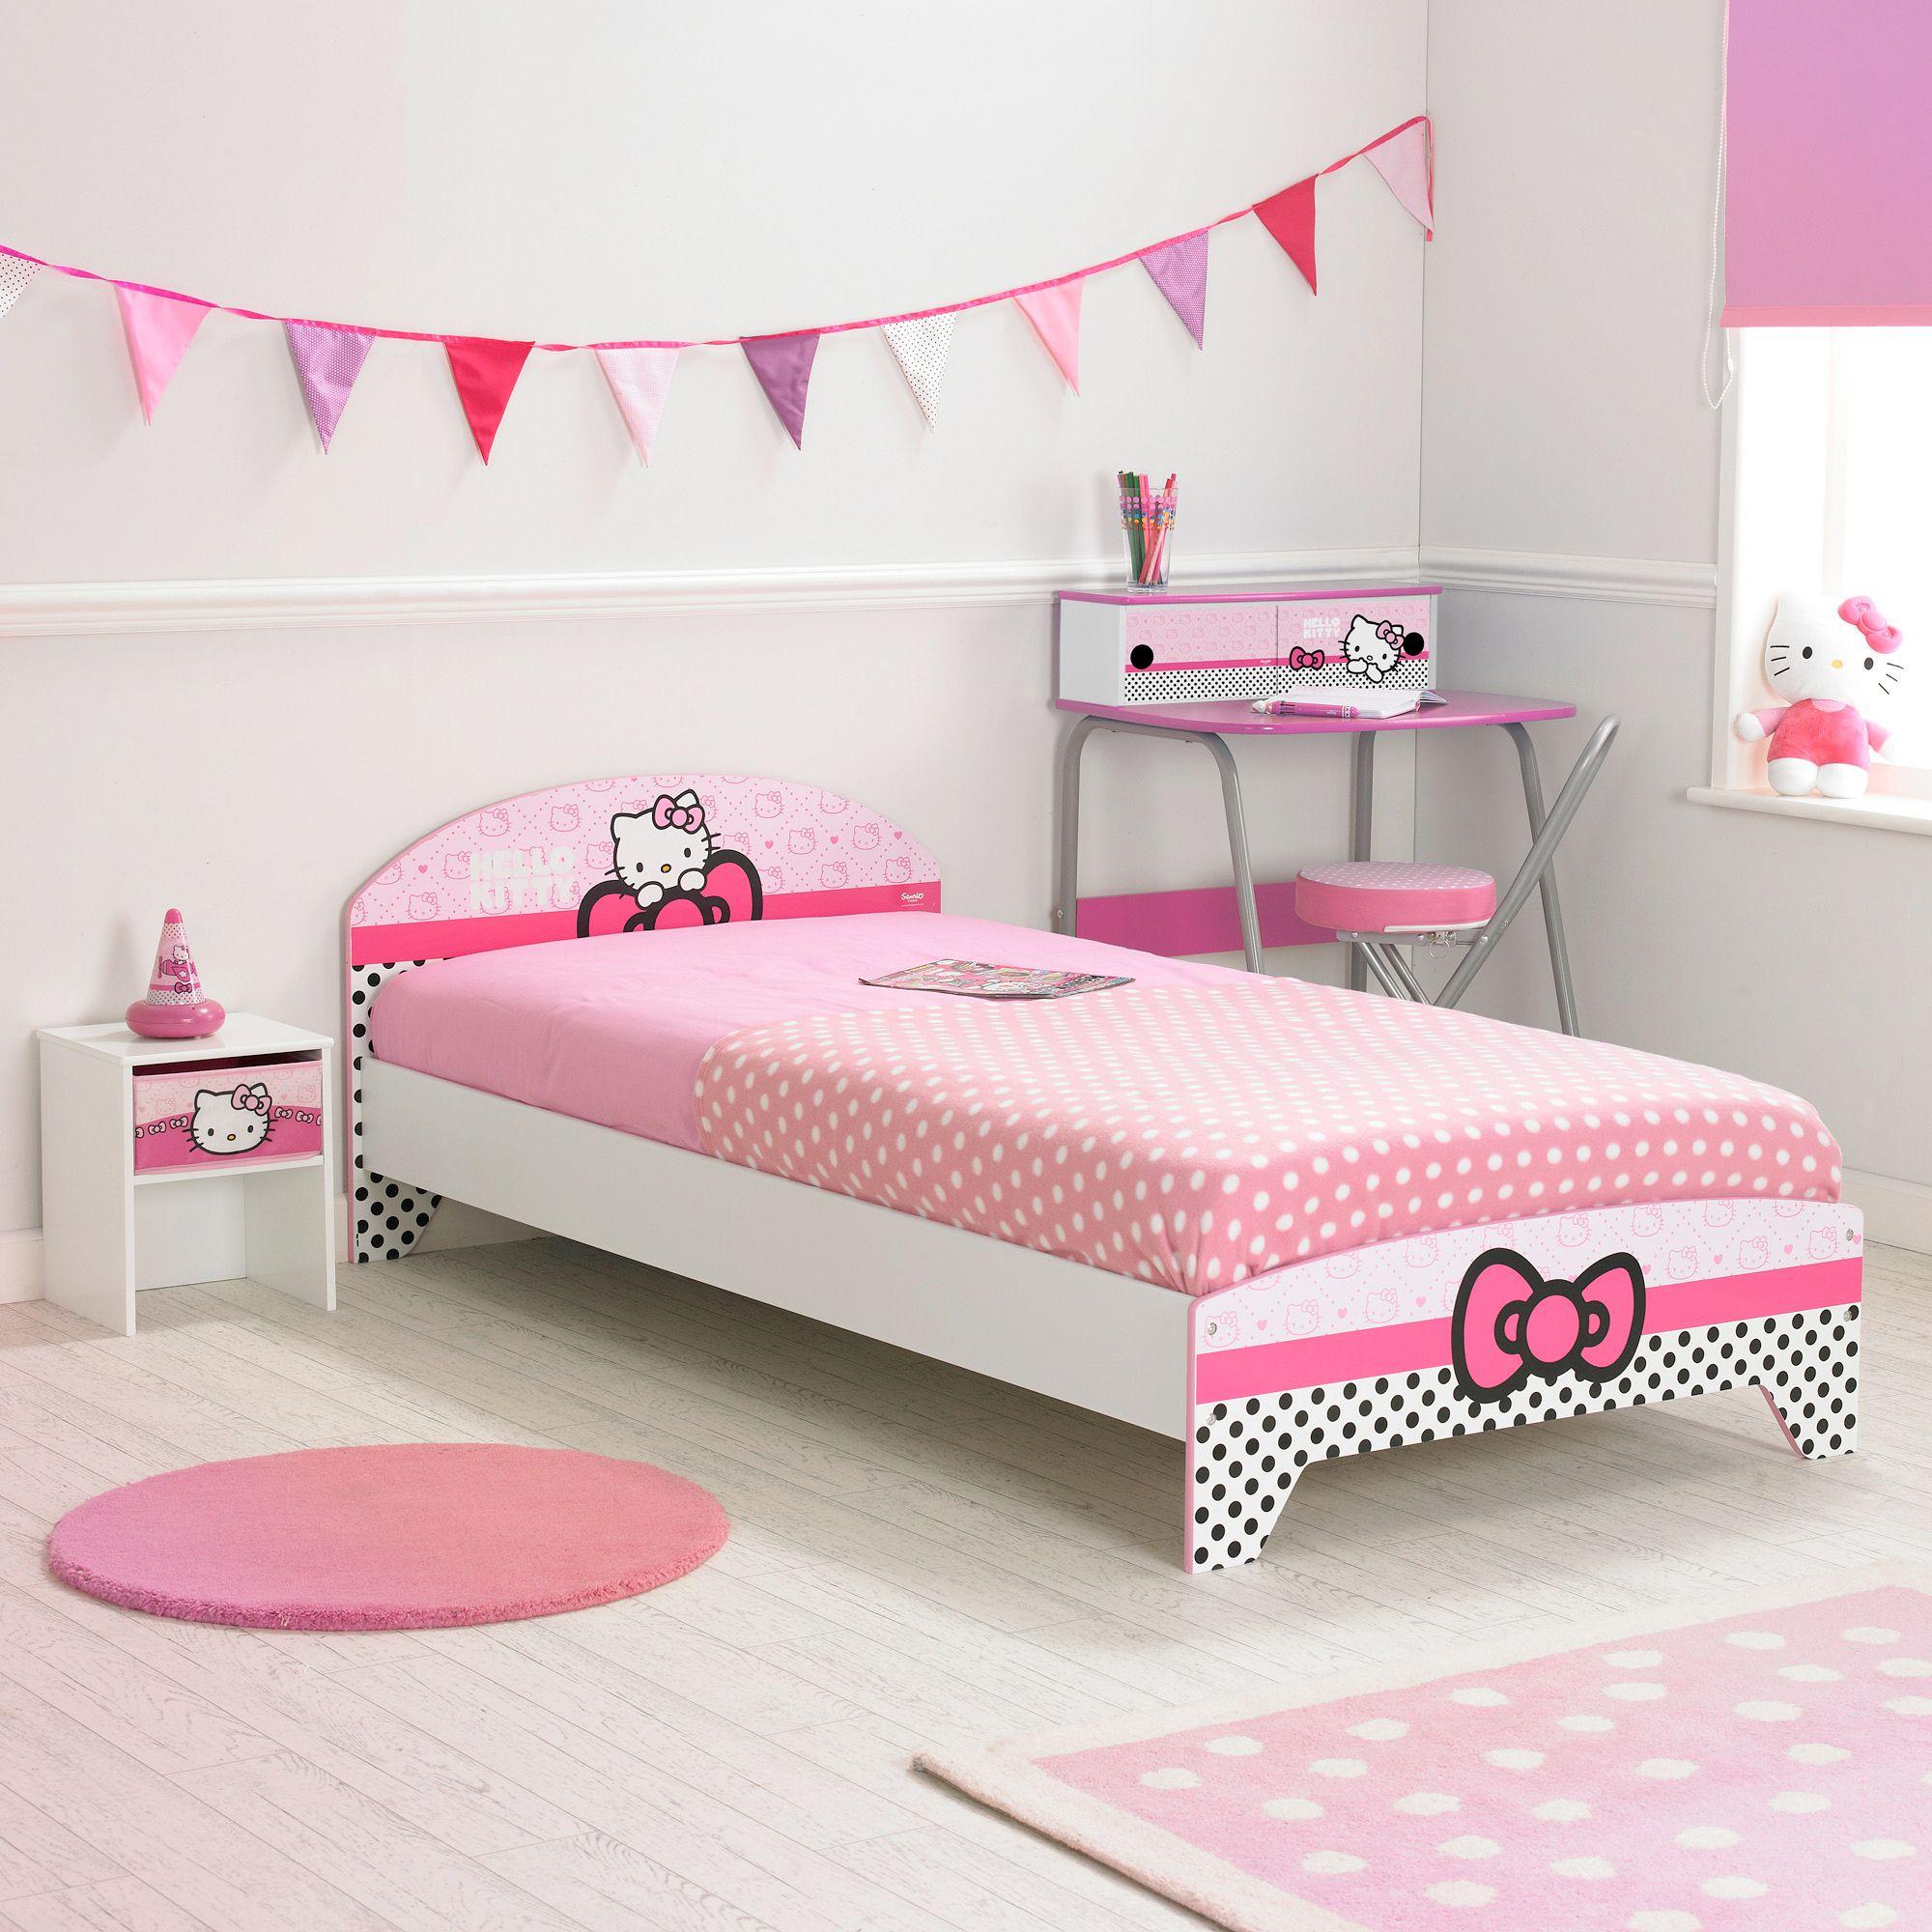 La Maison De Valerie Lit 90 X 190 Cm Hello Kitty Prix 125 99